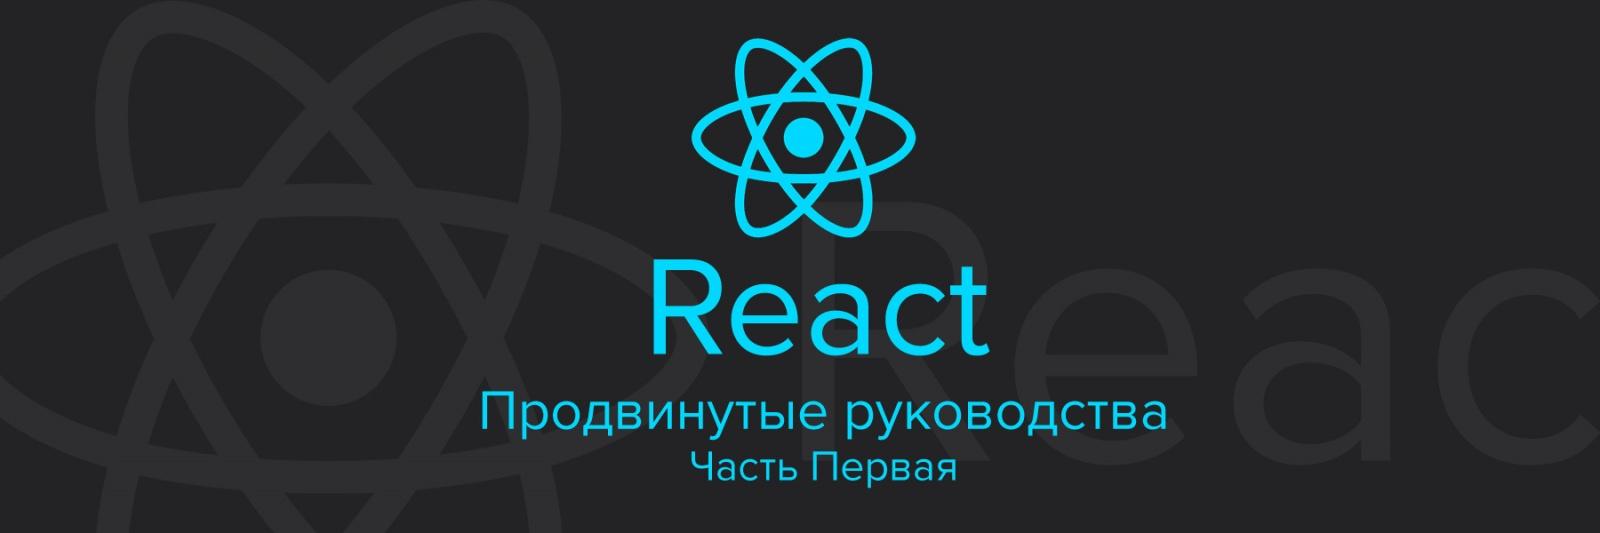 React. Продвинутые руководства. Часть Первая